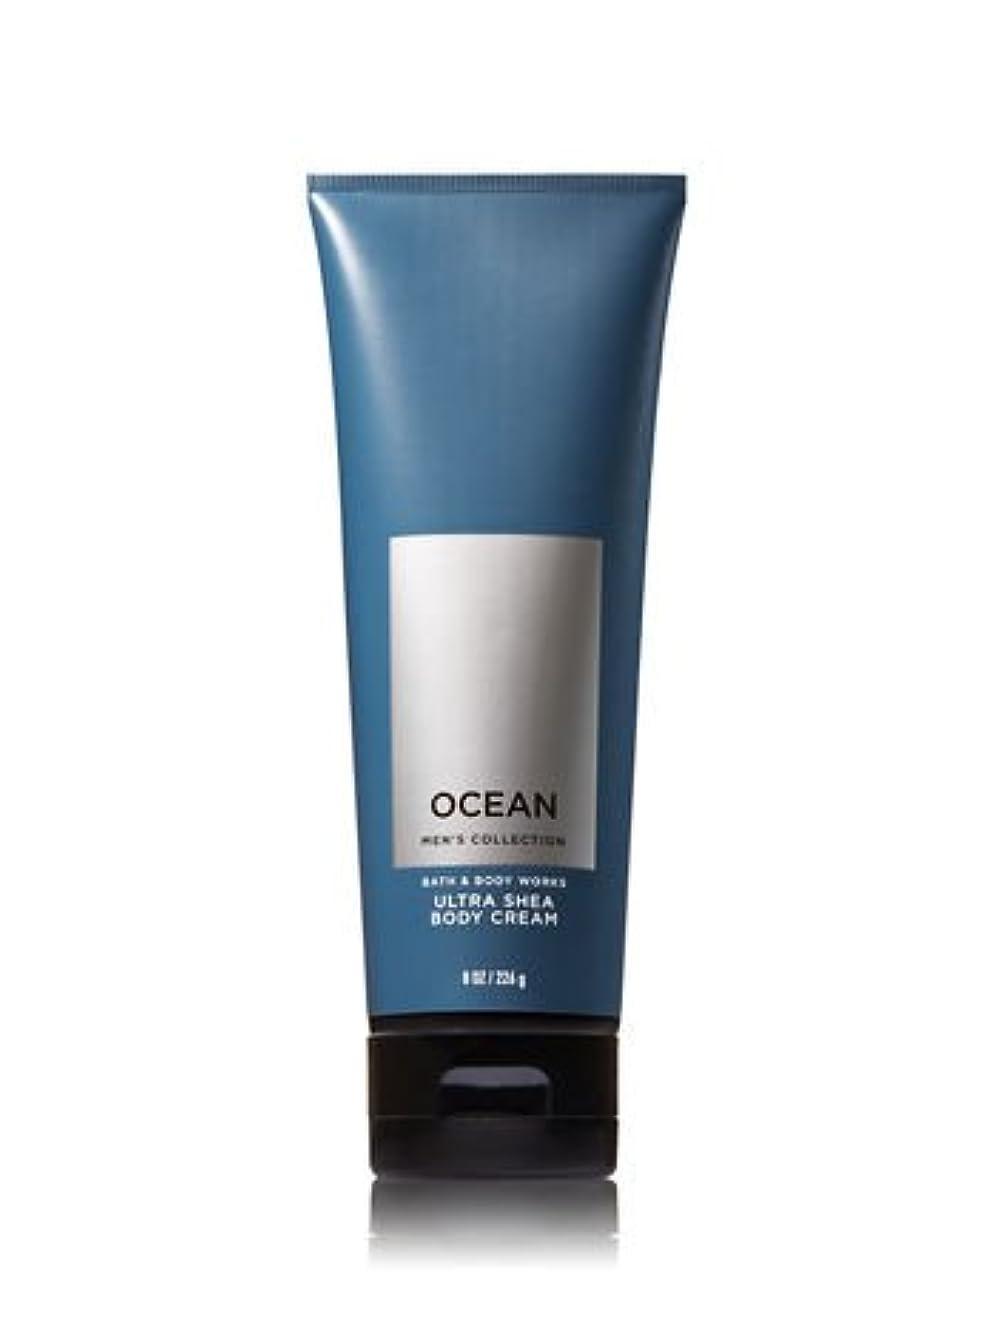 服を洗うスタジアムトランクライブラリ【並行輸入品】Bath and Body Works Ocean for Men Ultra Shea Body Cream 226 g